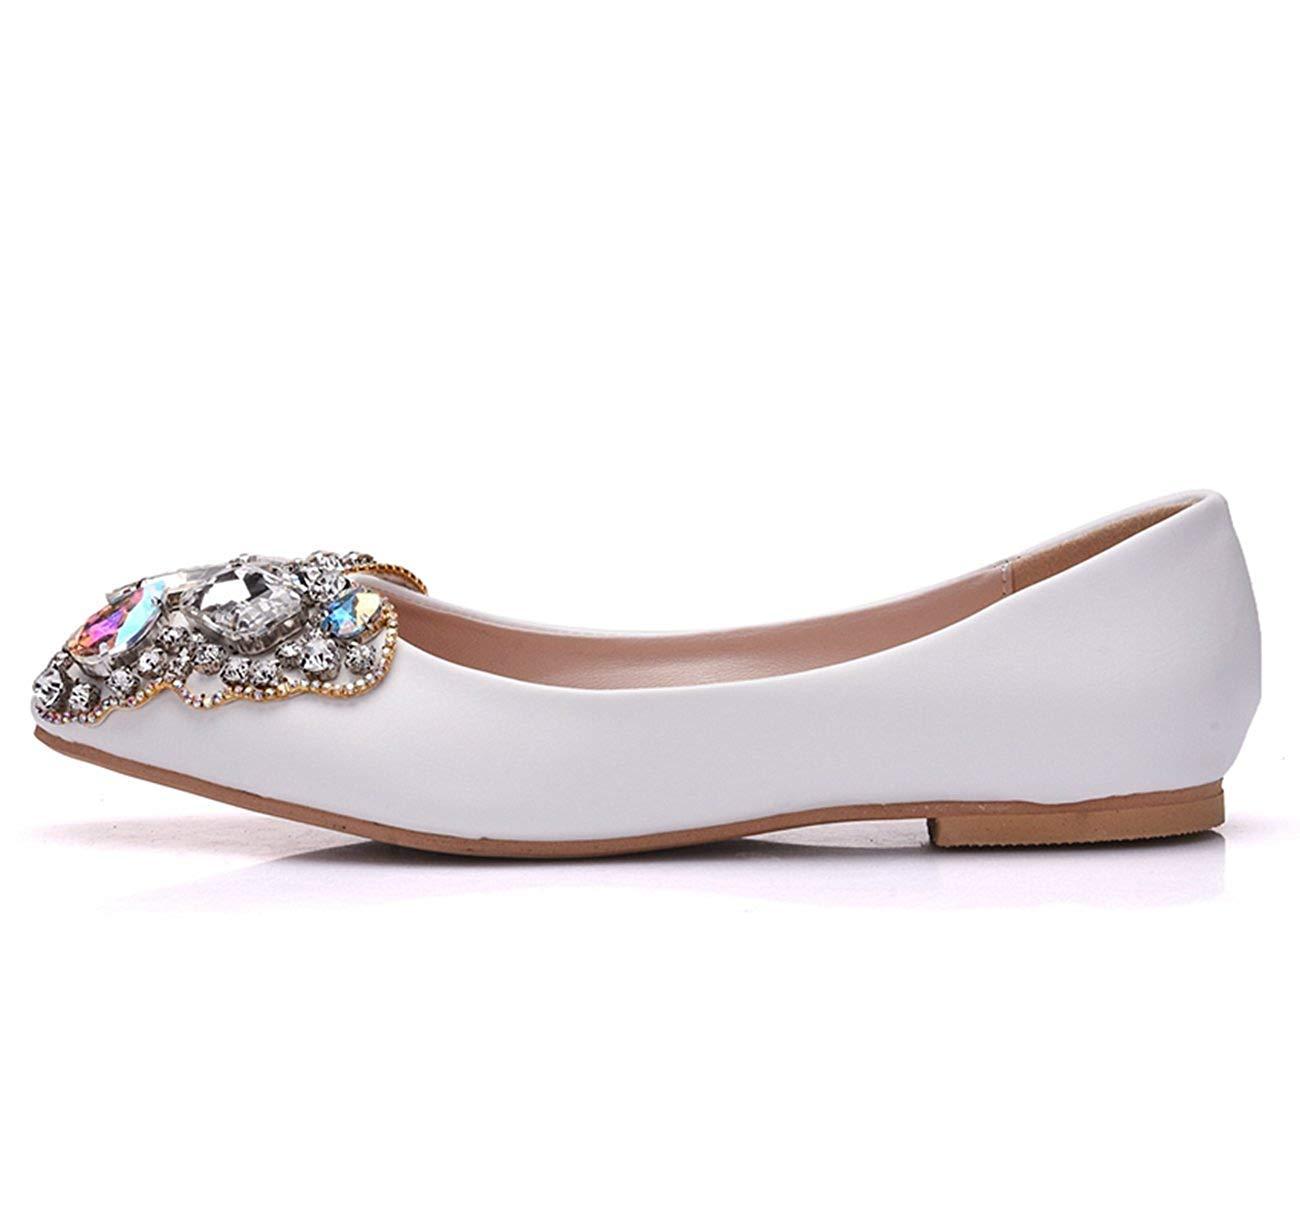 ZHRUI Damen Bow Strass Satin Slip-on Slip-on Slip-on Hochzeit Kleid Ballerinas (Farbe   Weiß-Flat, Größe   7 UK)  a05560